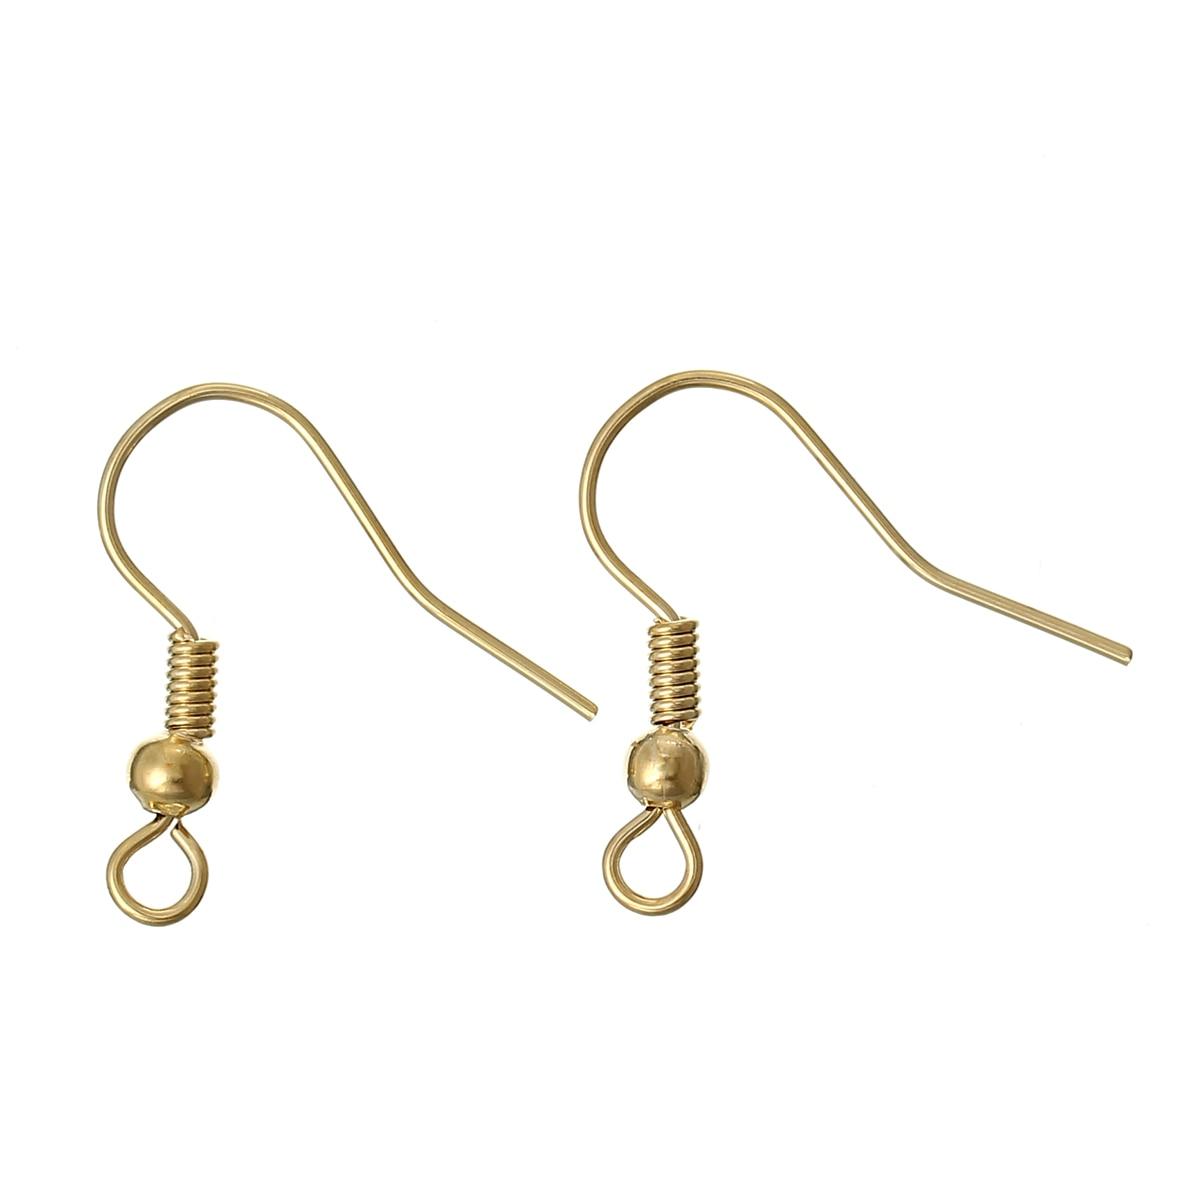 Copper Earrings Earring Findings Hook 18K Gold Color 18mm( 6/8) x 18mm( 6/8), 4 PCs newCopper Earrings Earring Findings Hook 18K Gold Color 18mm( 6/8) x 18mm( 6/8), 4 PCs new